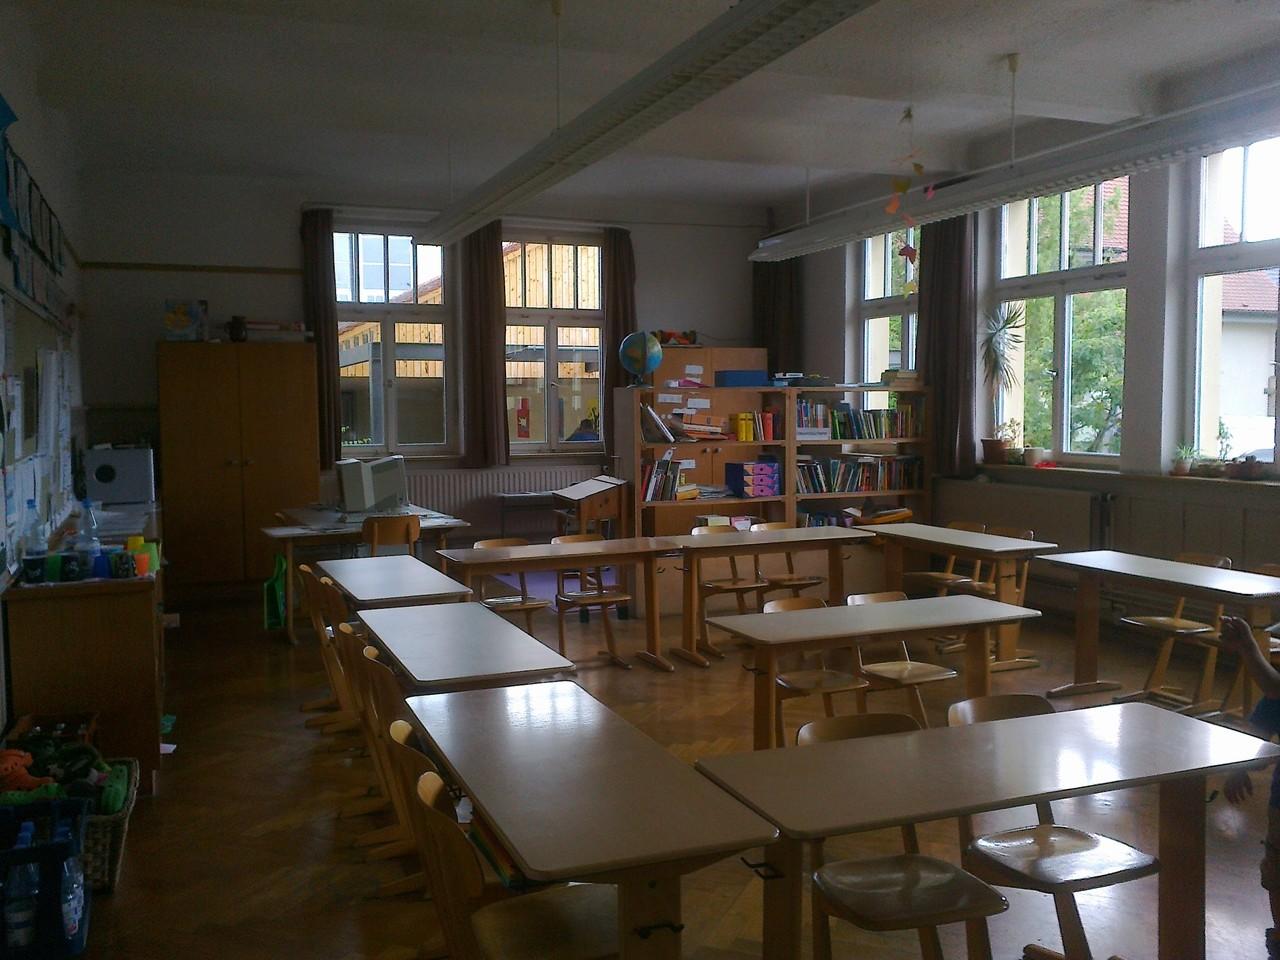 Klassenzimmer im Altbau